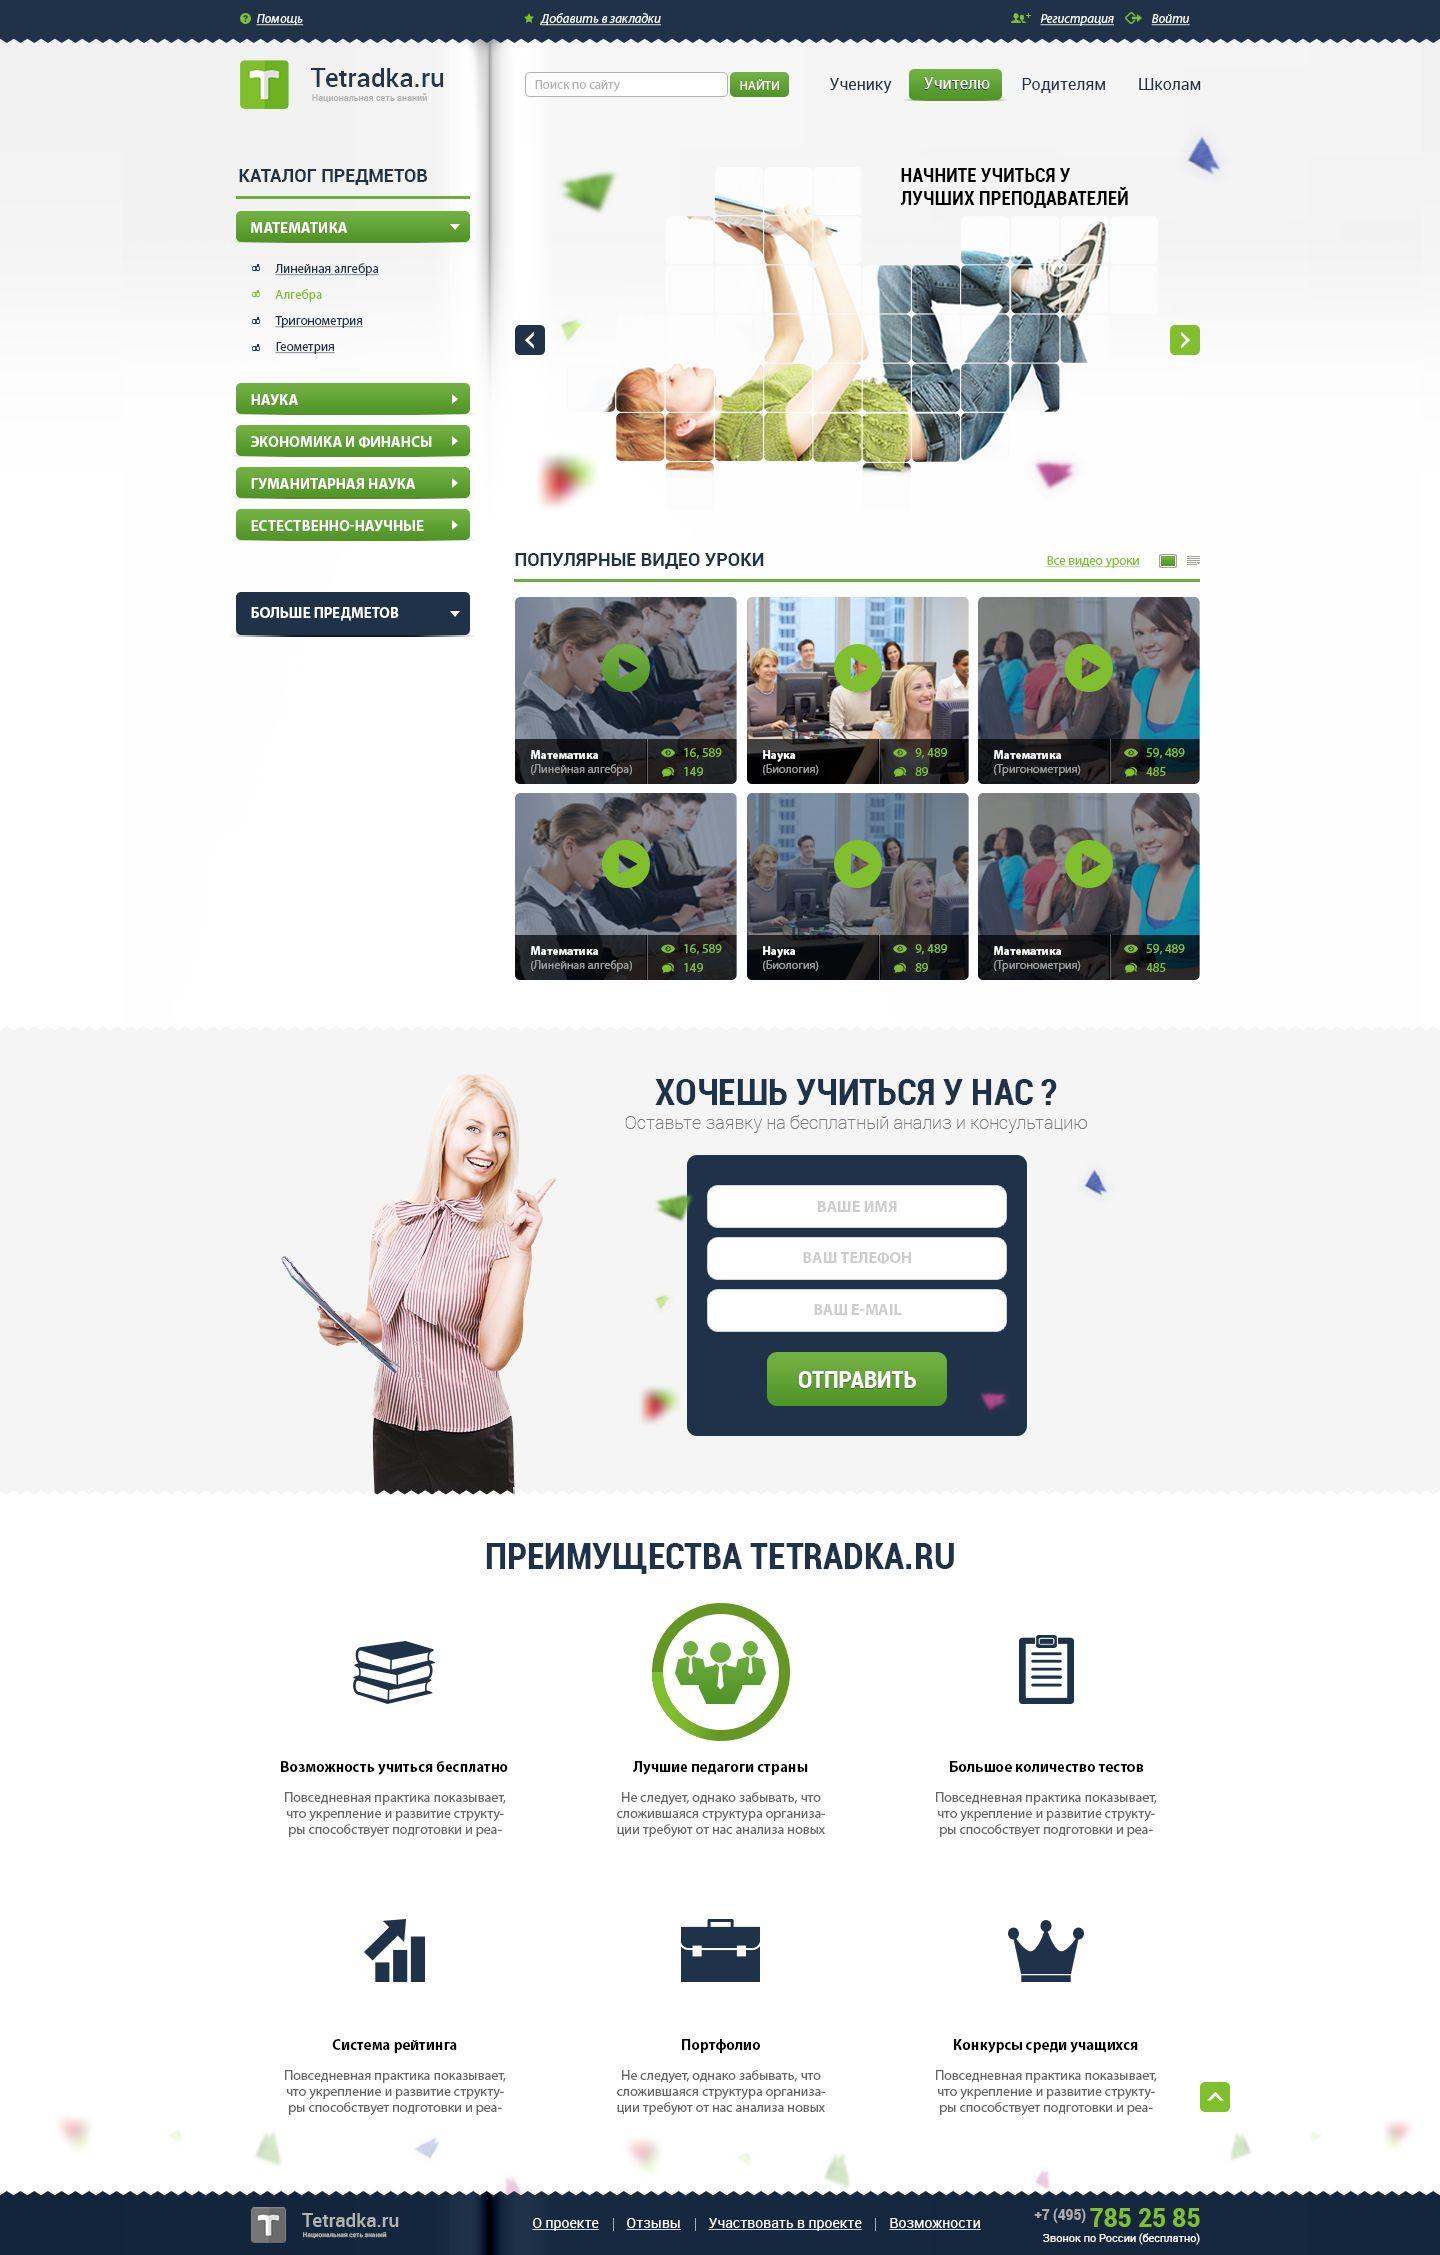 Главная страница образовательной сети tetradka.ru - дизайнер Denchikk